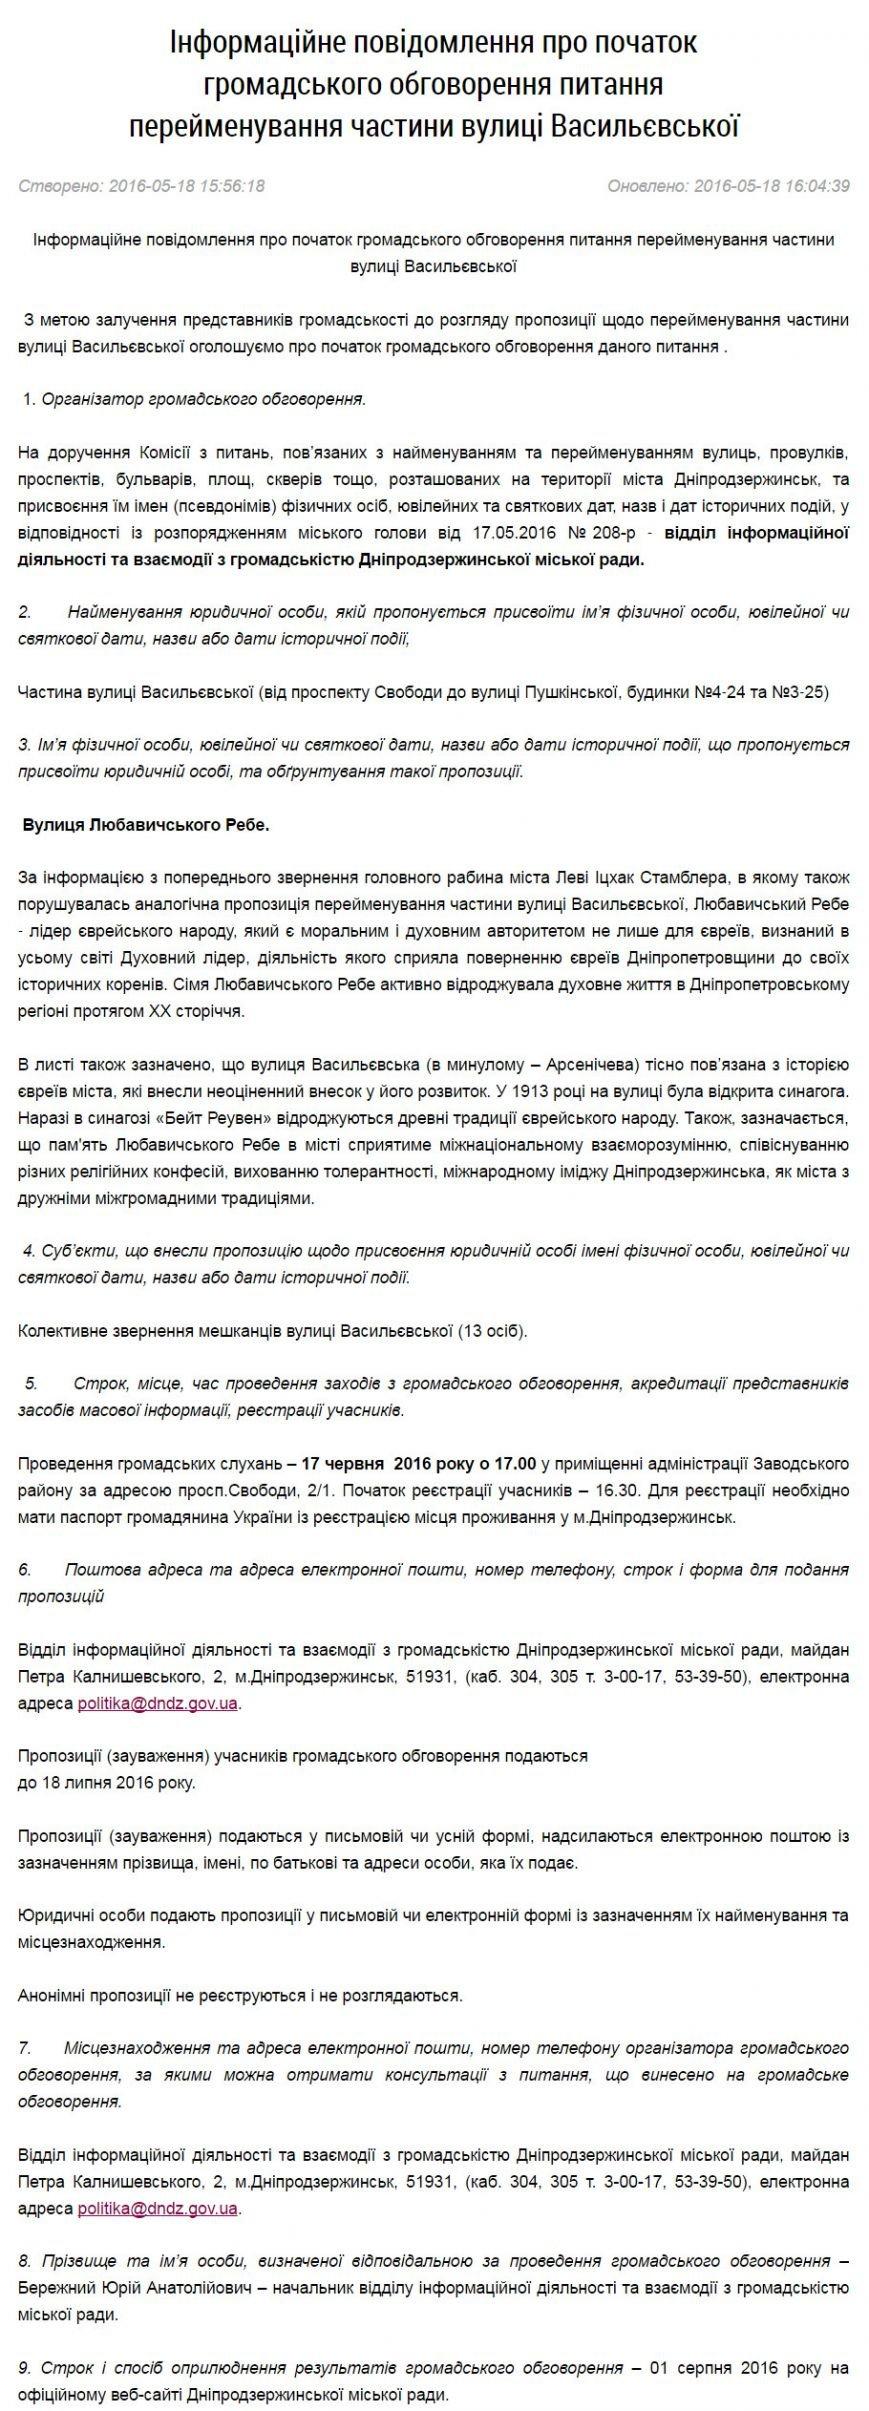 В Каменском обсуждают переименование части улицы Васильевской в честь Любавичского Ребе, фото-3